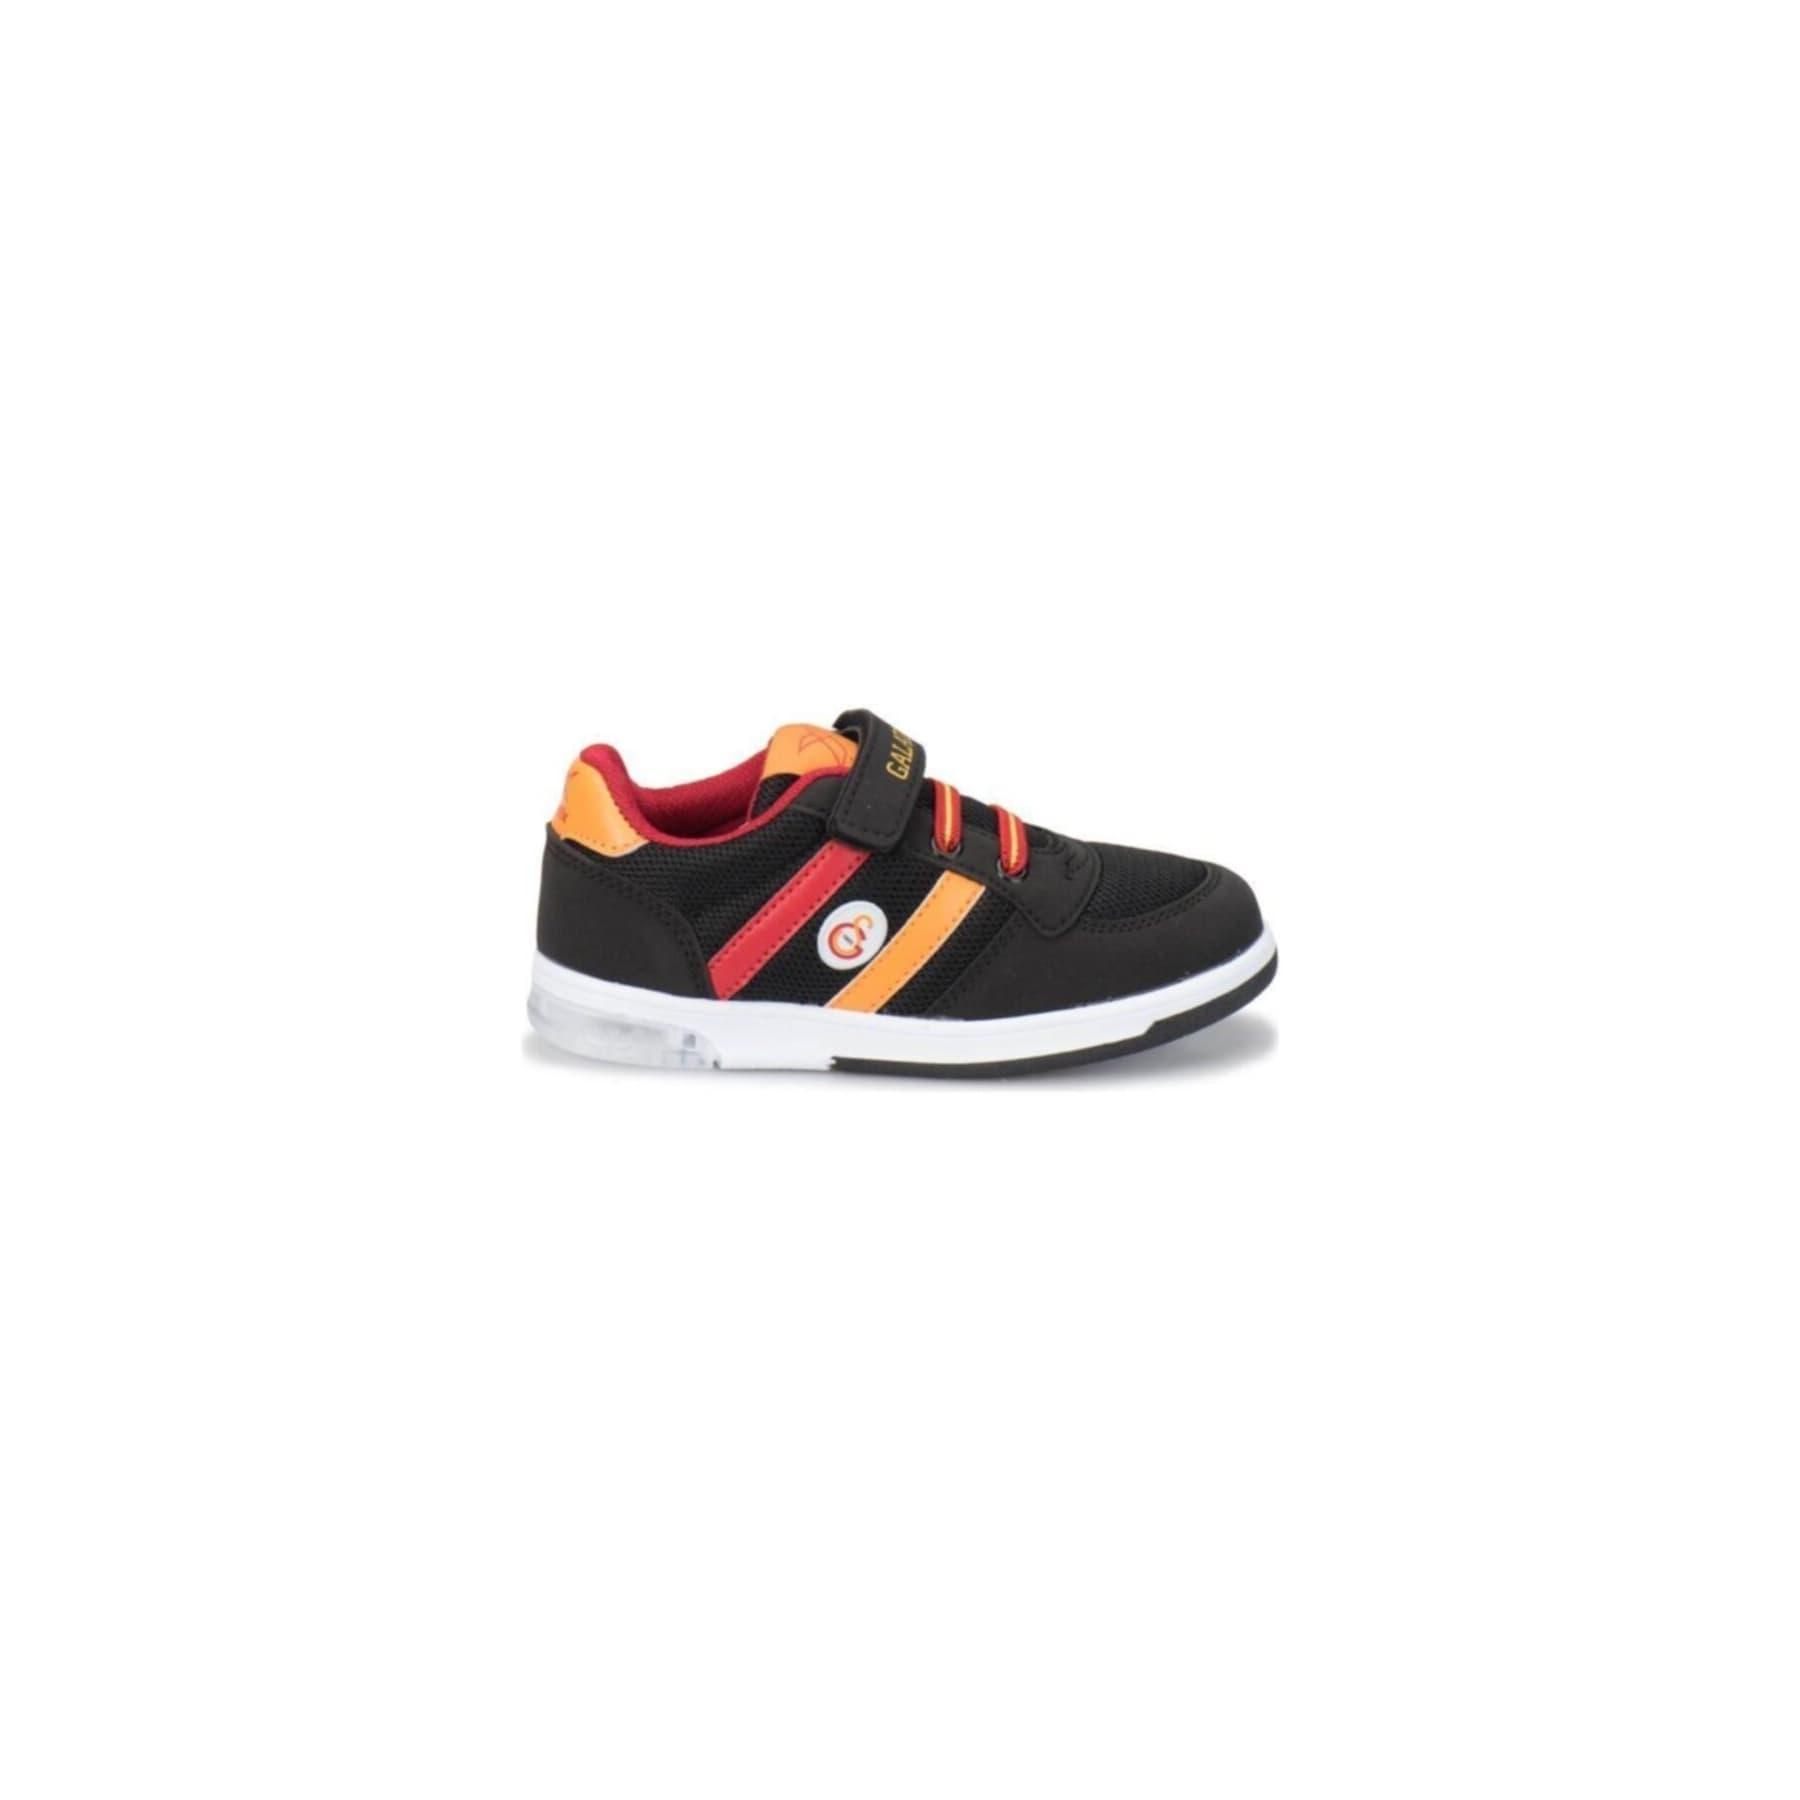 GS Upton Çocuk Siyah Spor Ayakkabı (100251560)